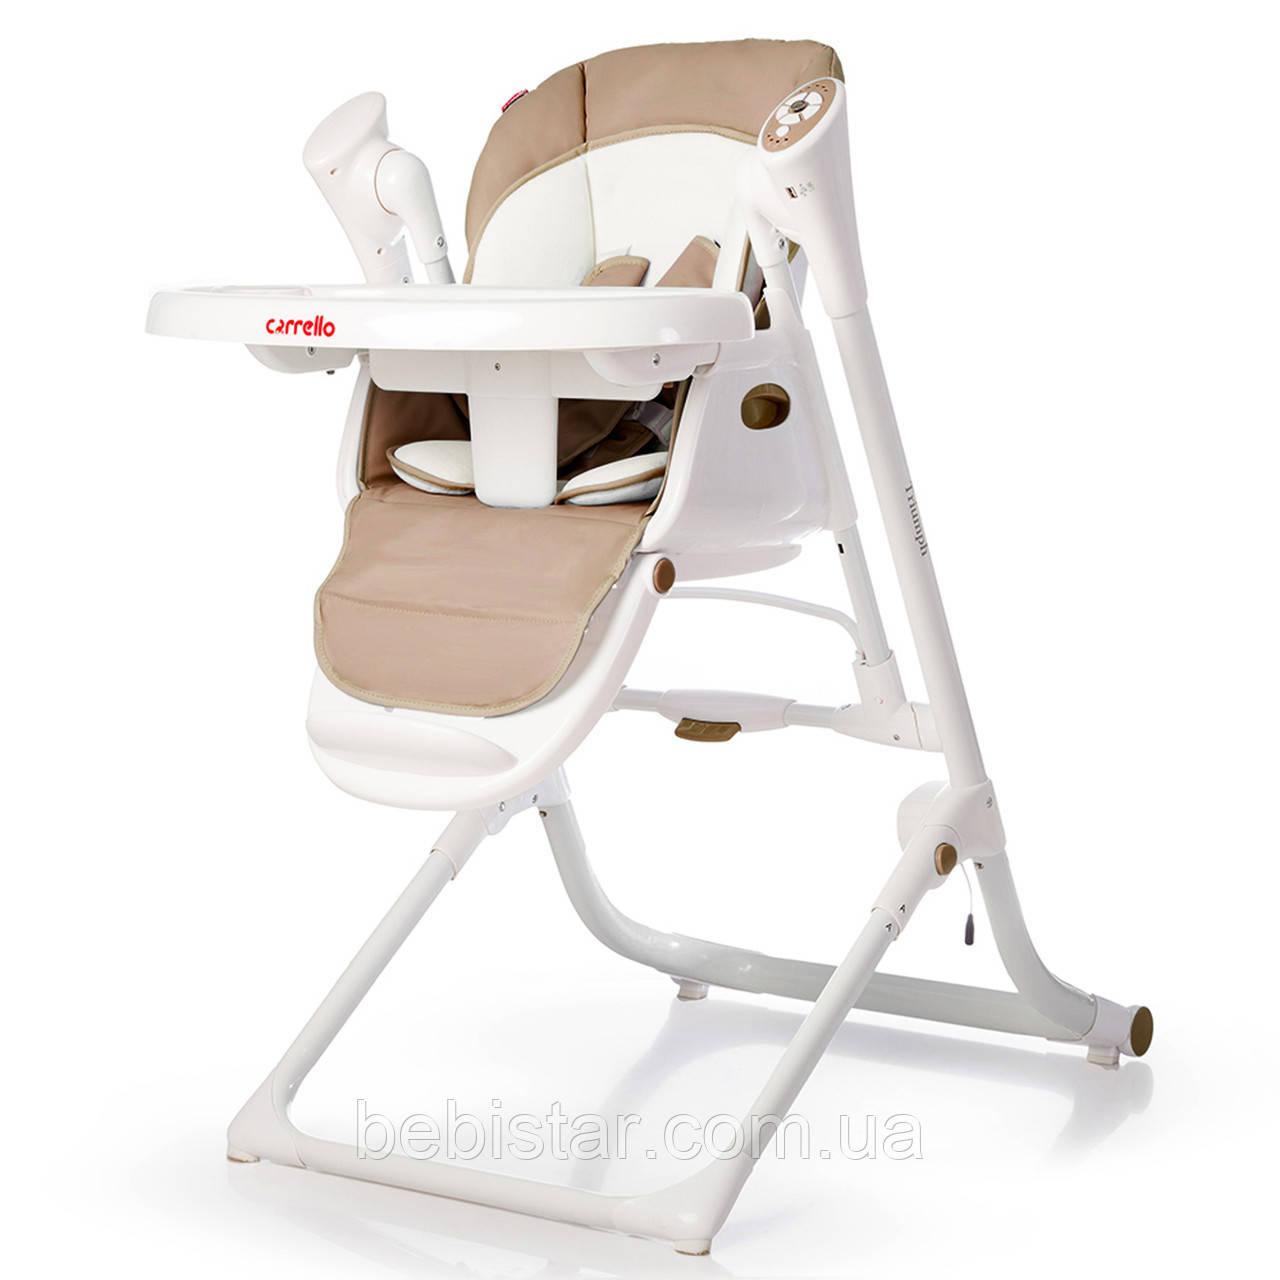 Стульчик для кормления кресло-качалка шезлонг шоколадный Carrello Triumph с пультом от рождения до 3-х лет